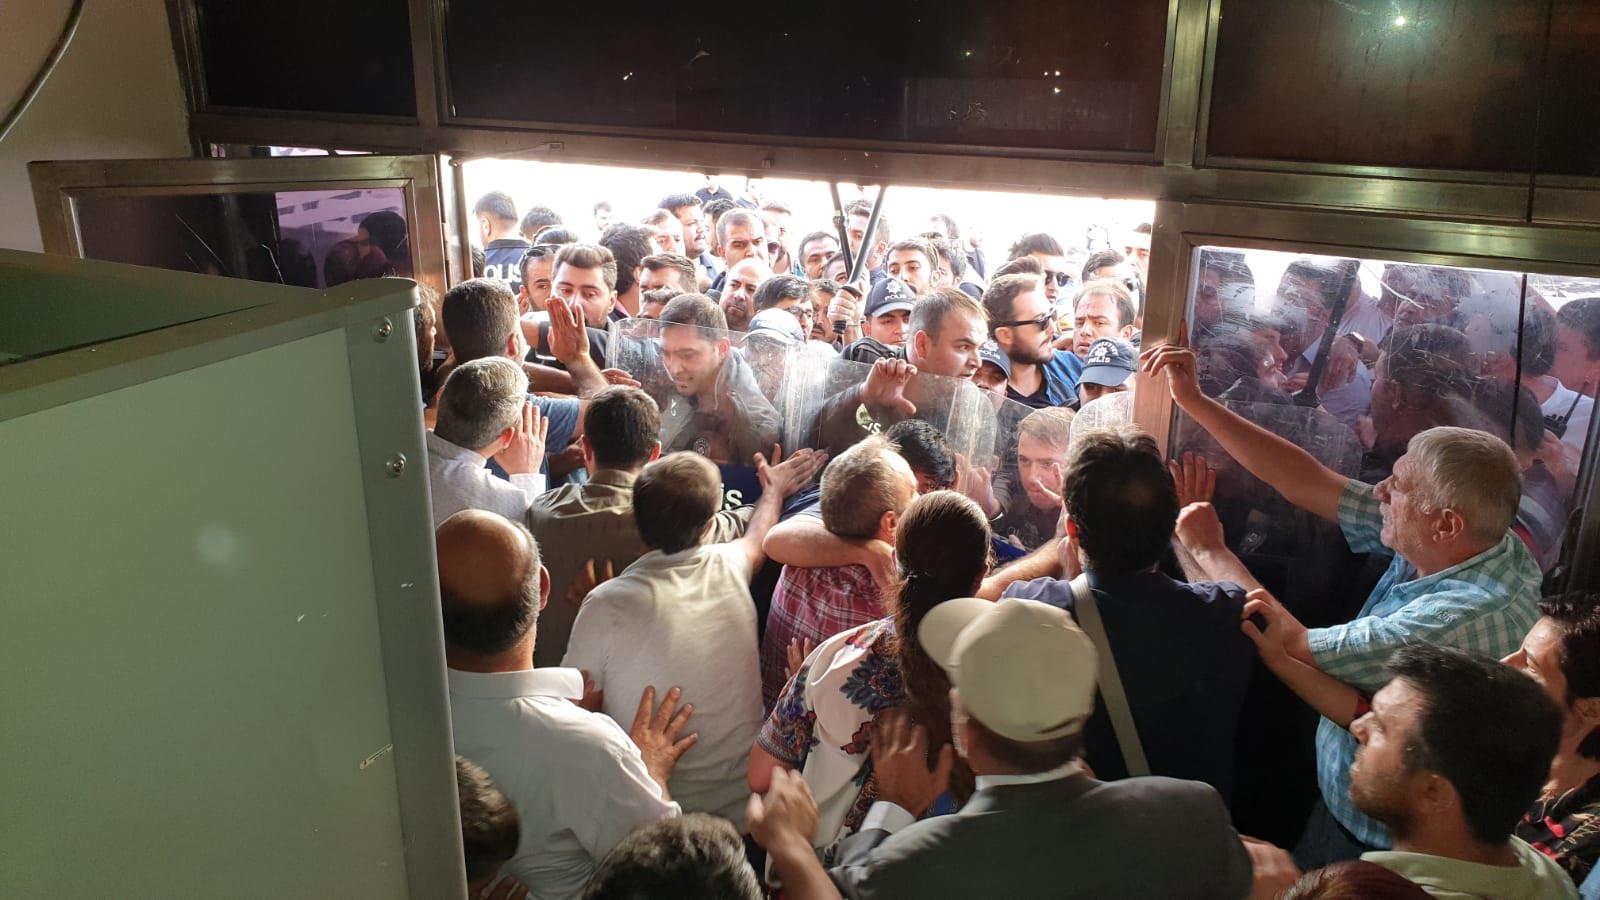 VİDEO - Diyarbakır'da açıklama gerginliği!